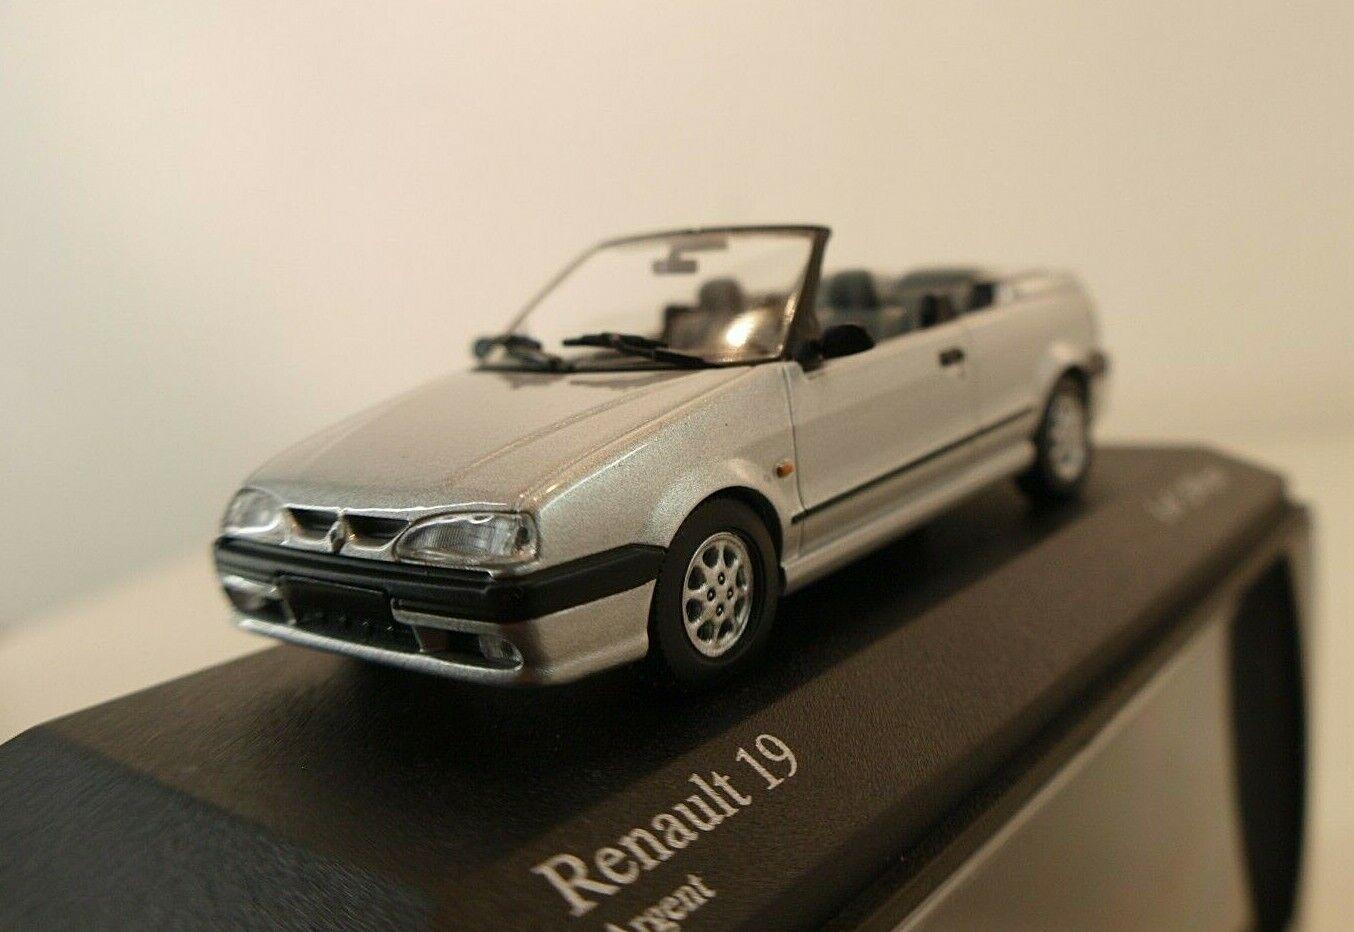 Minichamps n° 400 113730 Renault 19 19 19 Cabriolet 1992 neuf boite 1 43 edn limitée 8fd7c0